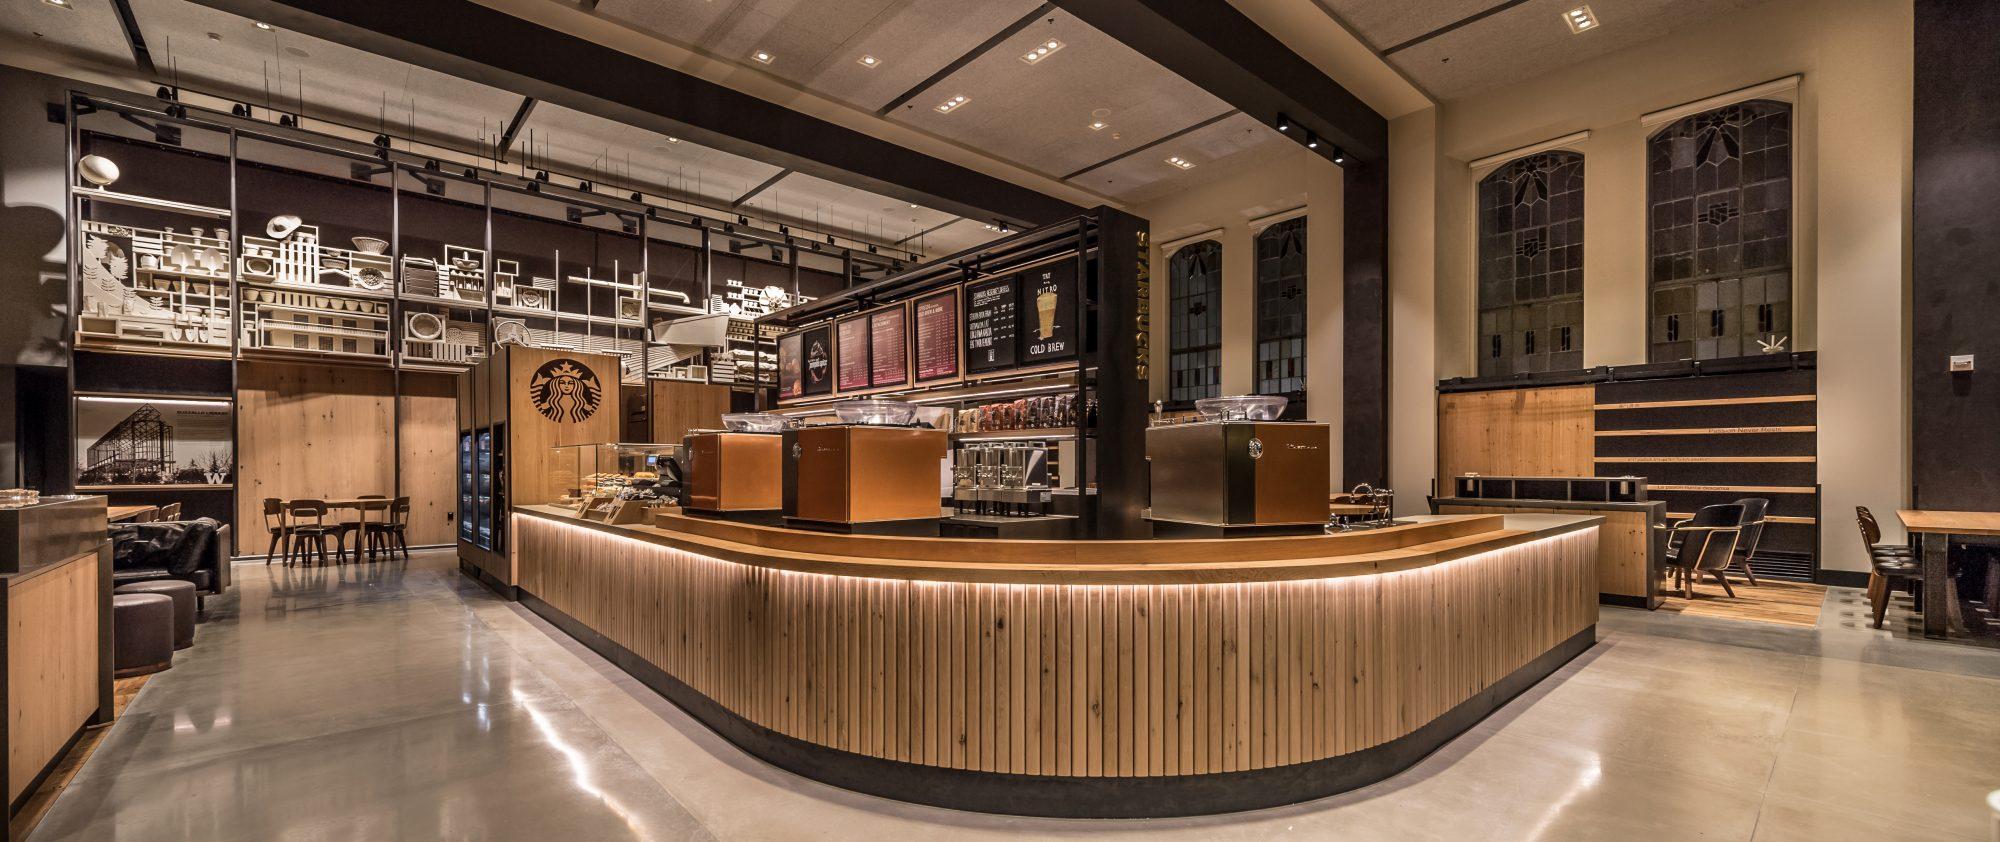 Designová provozovna Starbucksu v Suzzallo Library na University of Washington.